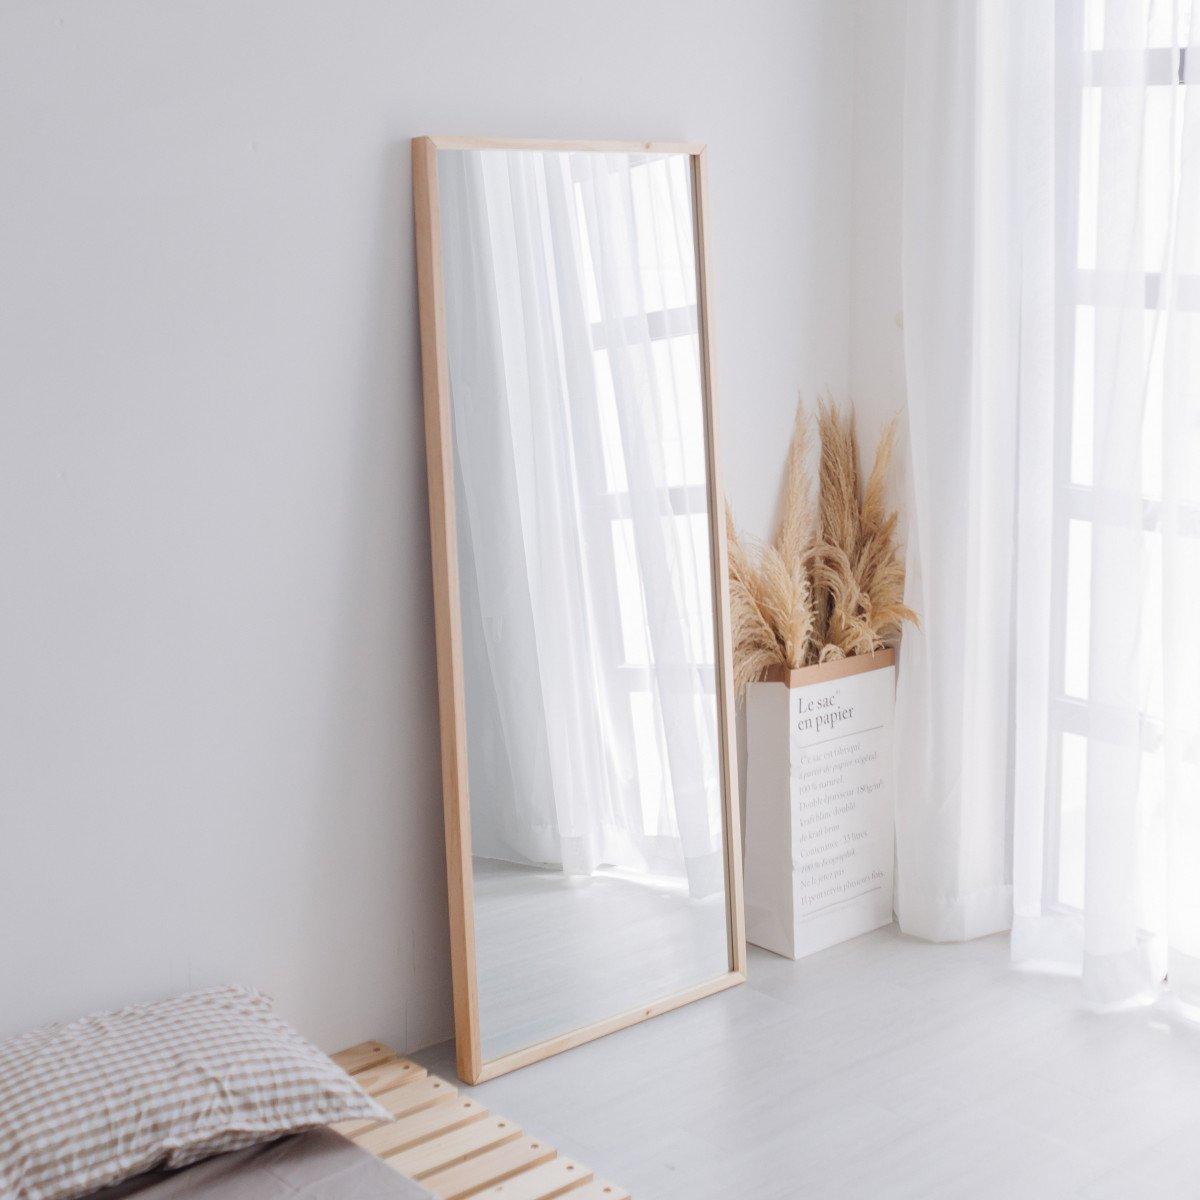 Gương Đứng Soi Toàn Thân Khung Gỗ OCHU - Mirror L - Natural giá tốt - 5335  | Fitinvn